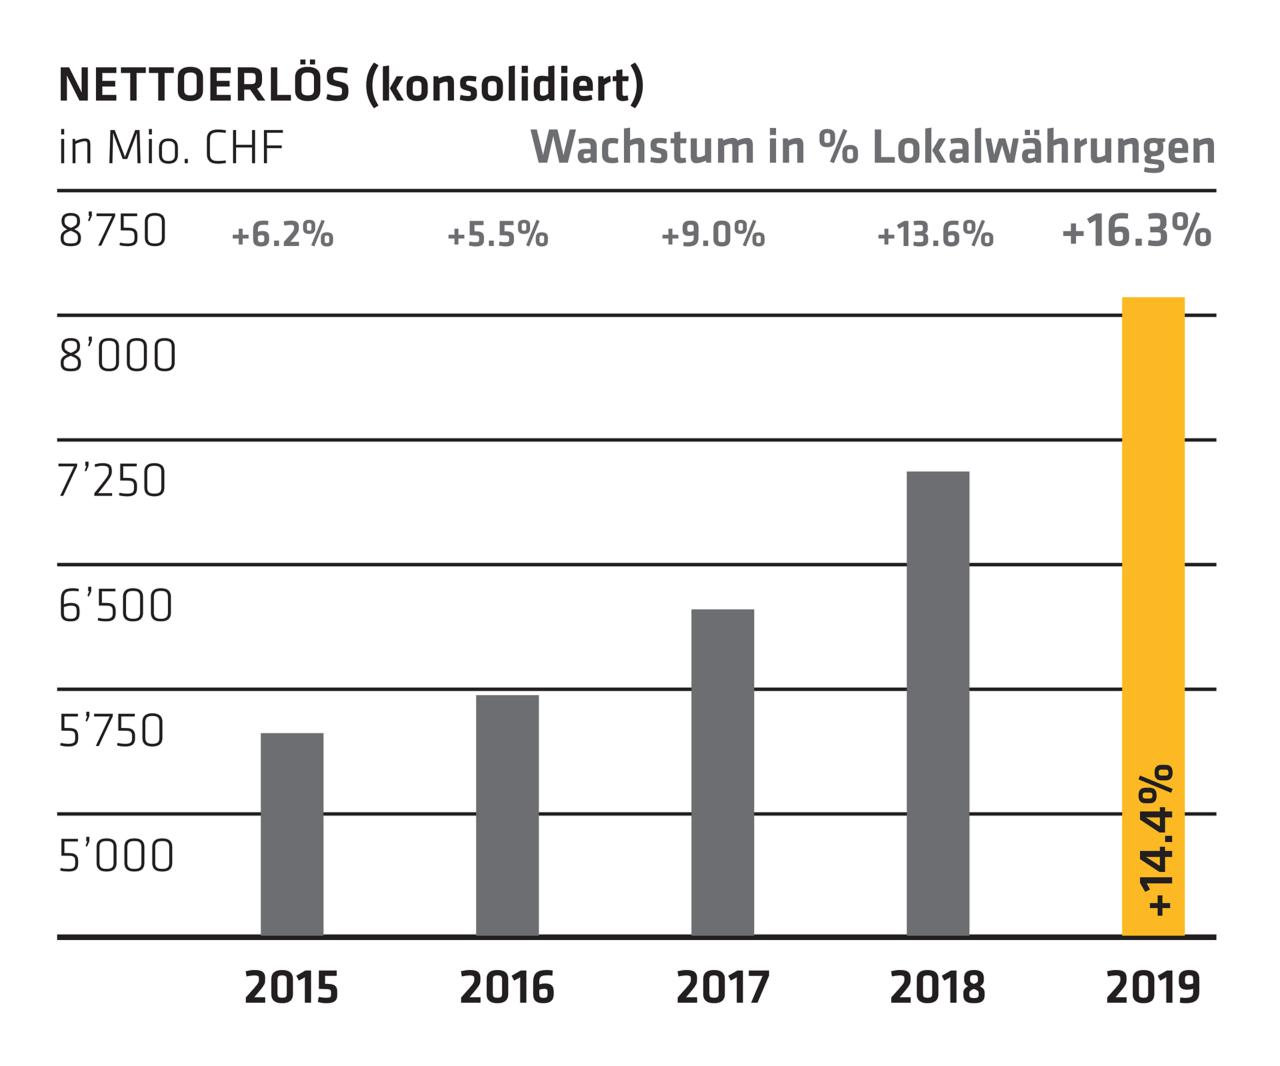 Nettoerlös - Jahresbericht 2019